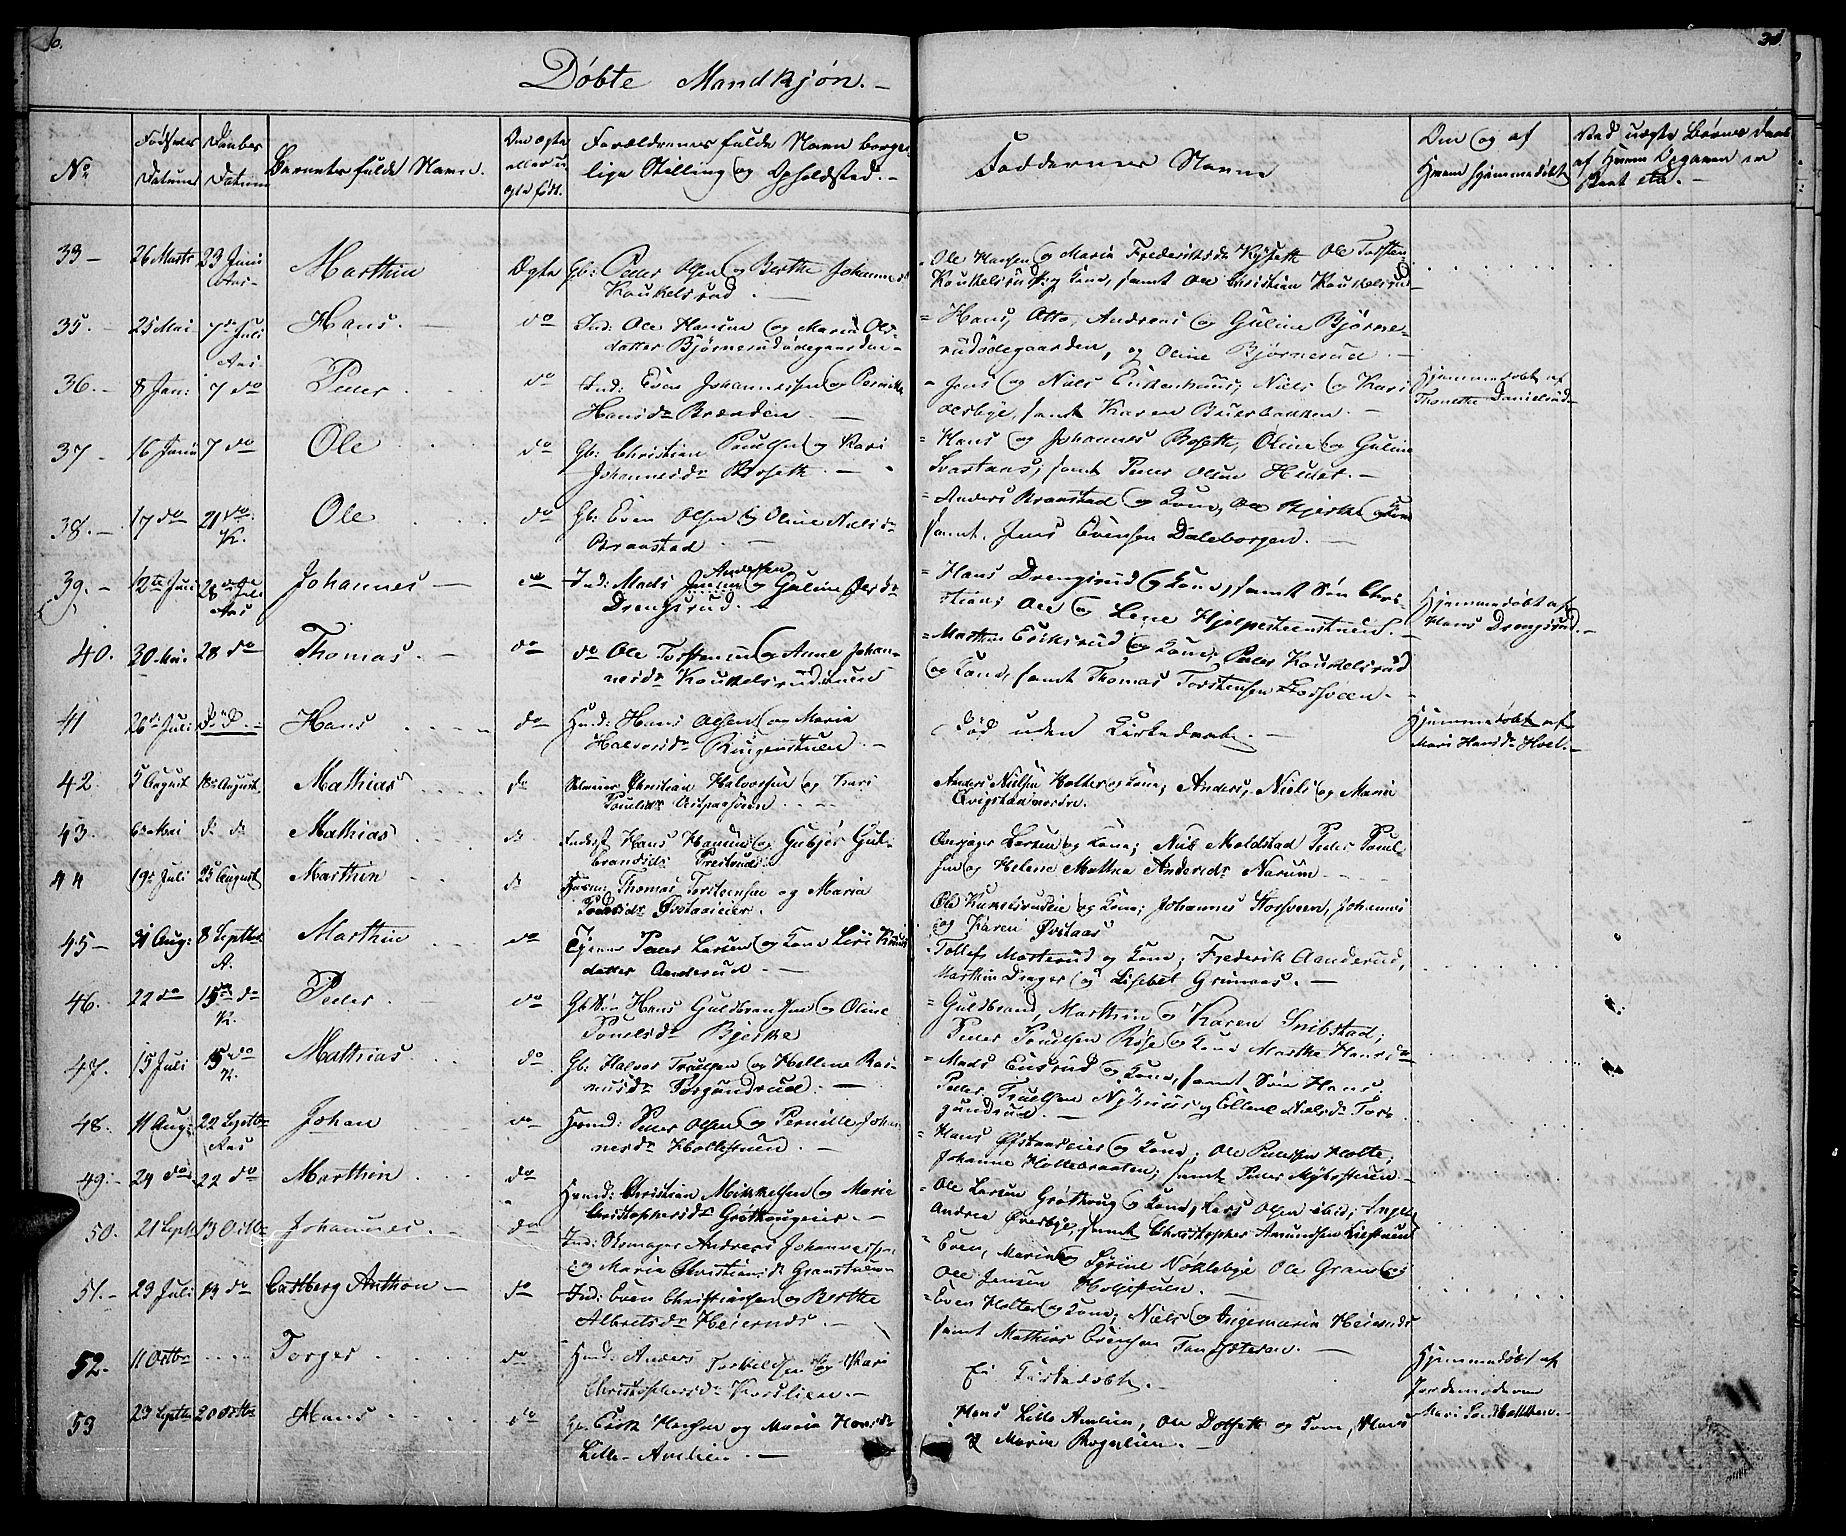 SAH, Vestre Toten prestekontor, H/Ha/Hab/L0002: Klokkerbok nr. 2, 1836-1848, s. 30-31